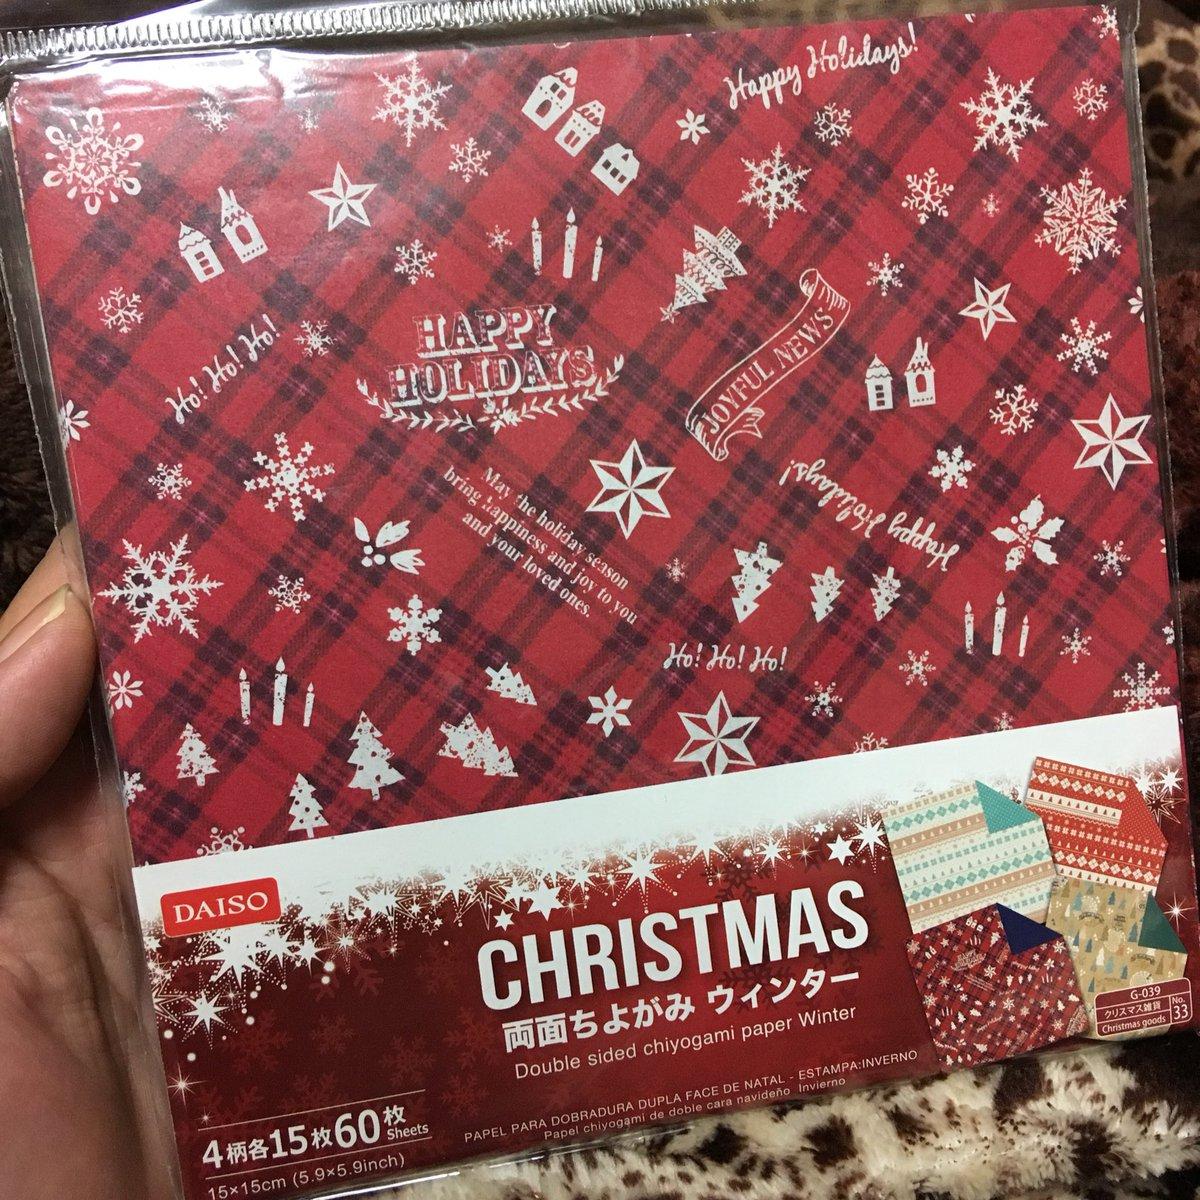 test ツイッターメディア - ダイソーのクリスマス柄折り紙?  ウインター柄も♪ もうなんかDAISO折り紙コンプしたくなってる(;´Д`)  #ダイソー #折り紙 #クリスマス https://t.co/1iIB2sqVuJ